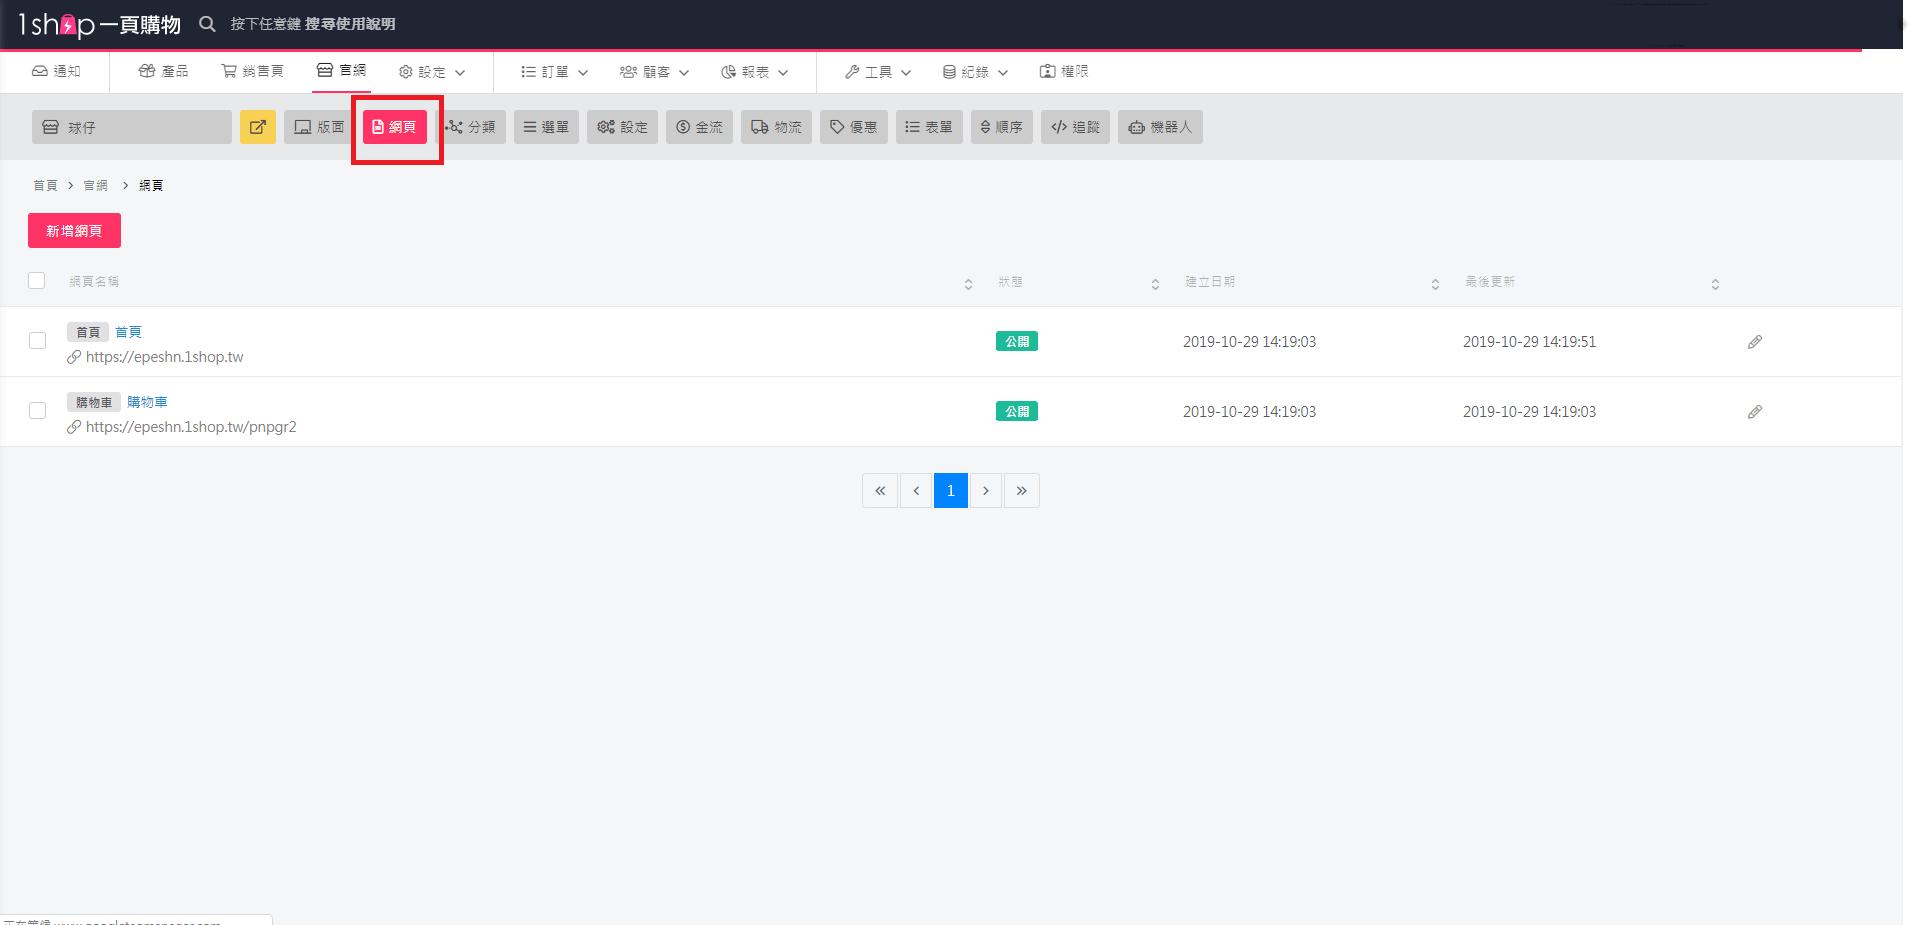 顧客查詢訂單 新增功能